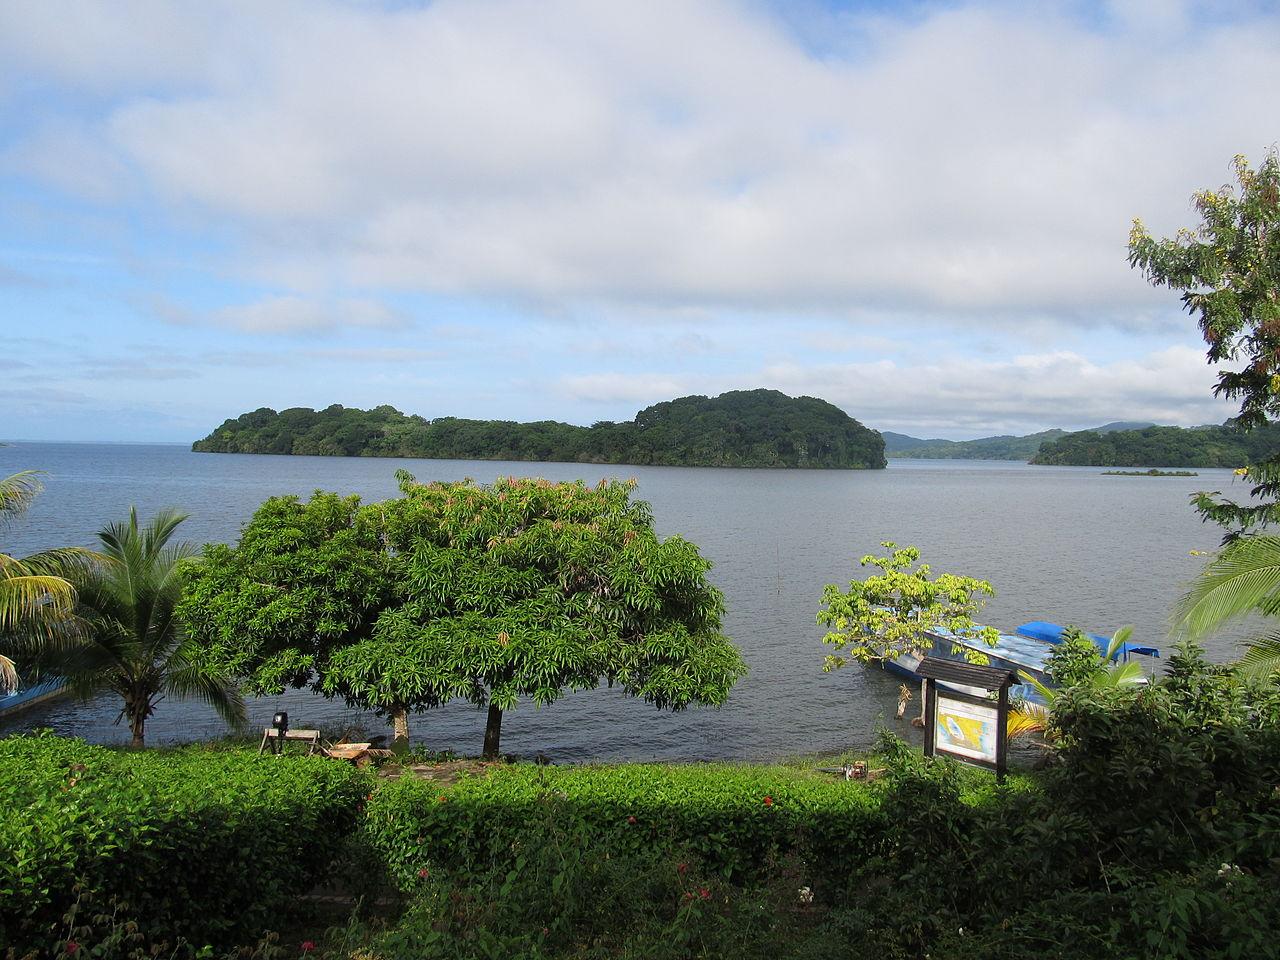 Kepulauan Solentiname adalah pulau tropis yang terletak di Danau Nikaragua yang merupakan rumah bagi 76 spesies burung dan merupakan tujuan ekowisata yang sedang berkembang.